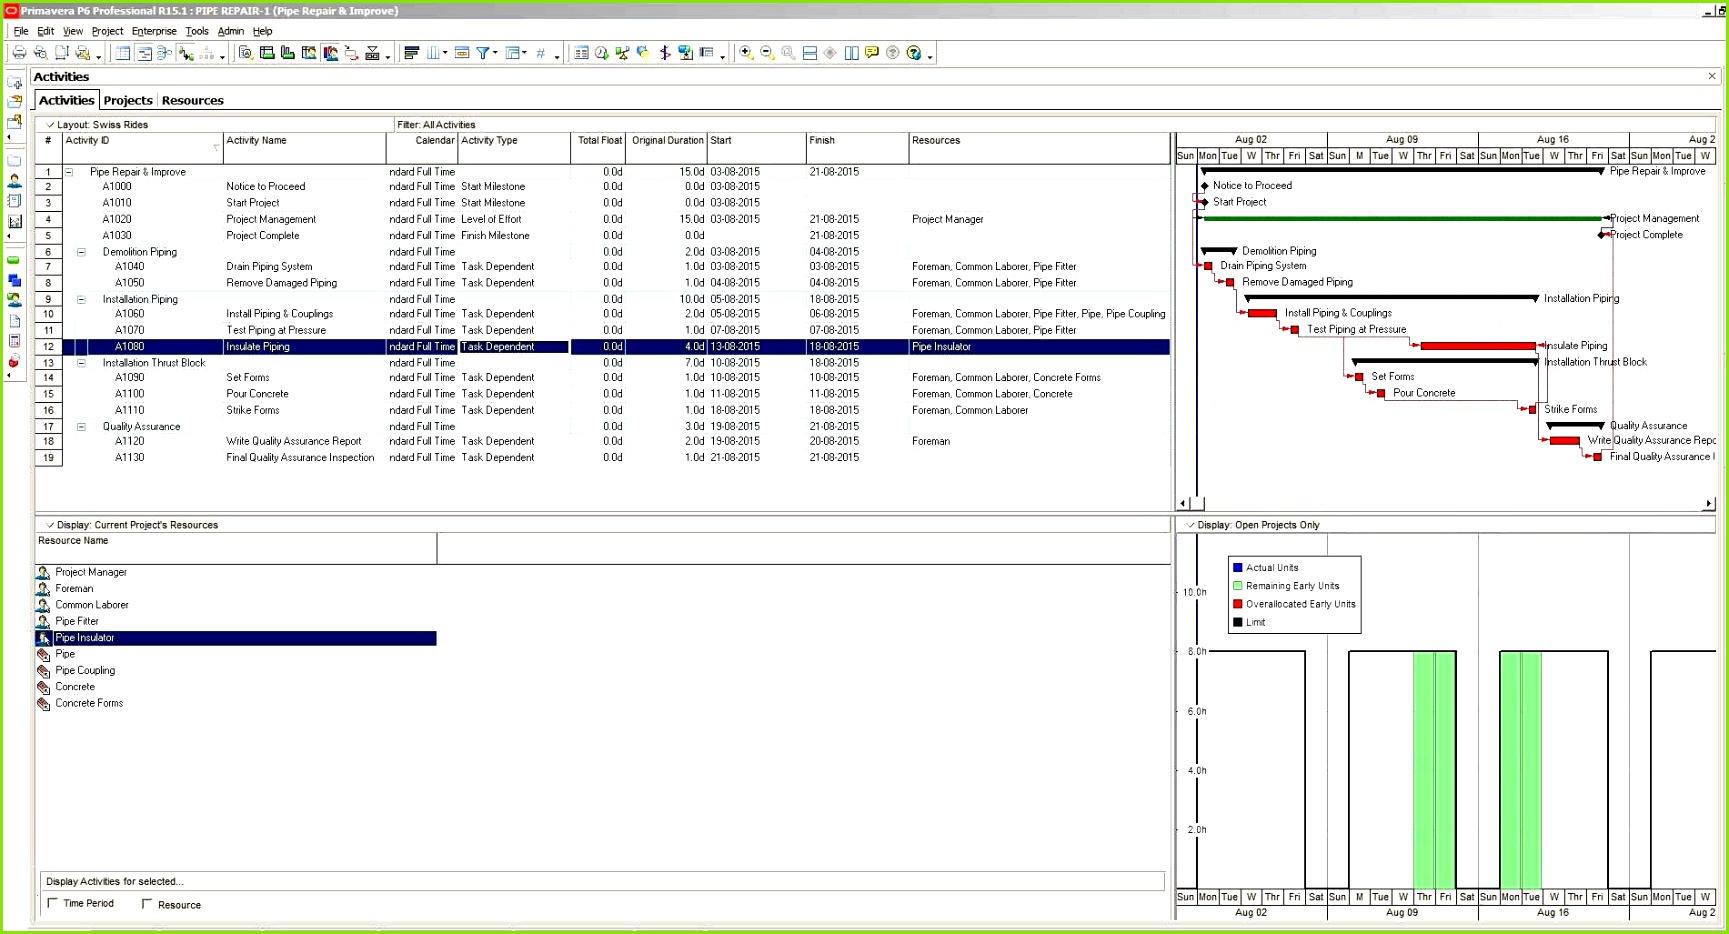 Excel Datenbank Vorlage Dann Excel Kundendatenbank Dann Excel Datenbank Vorlage